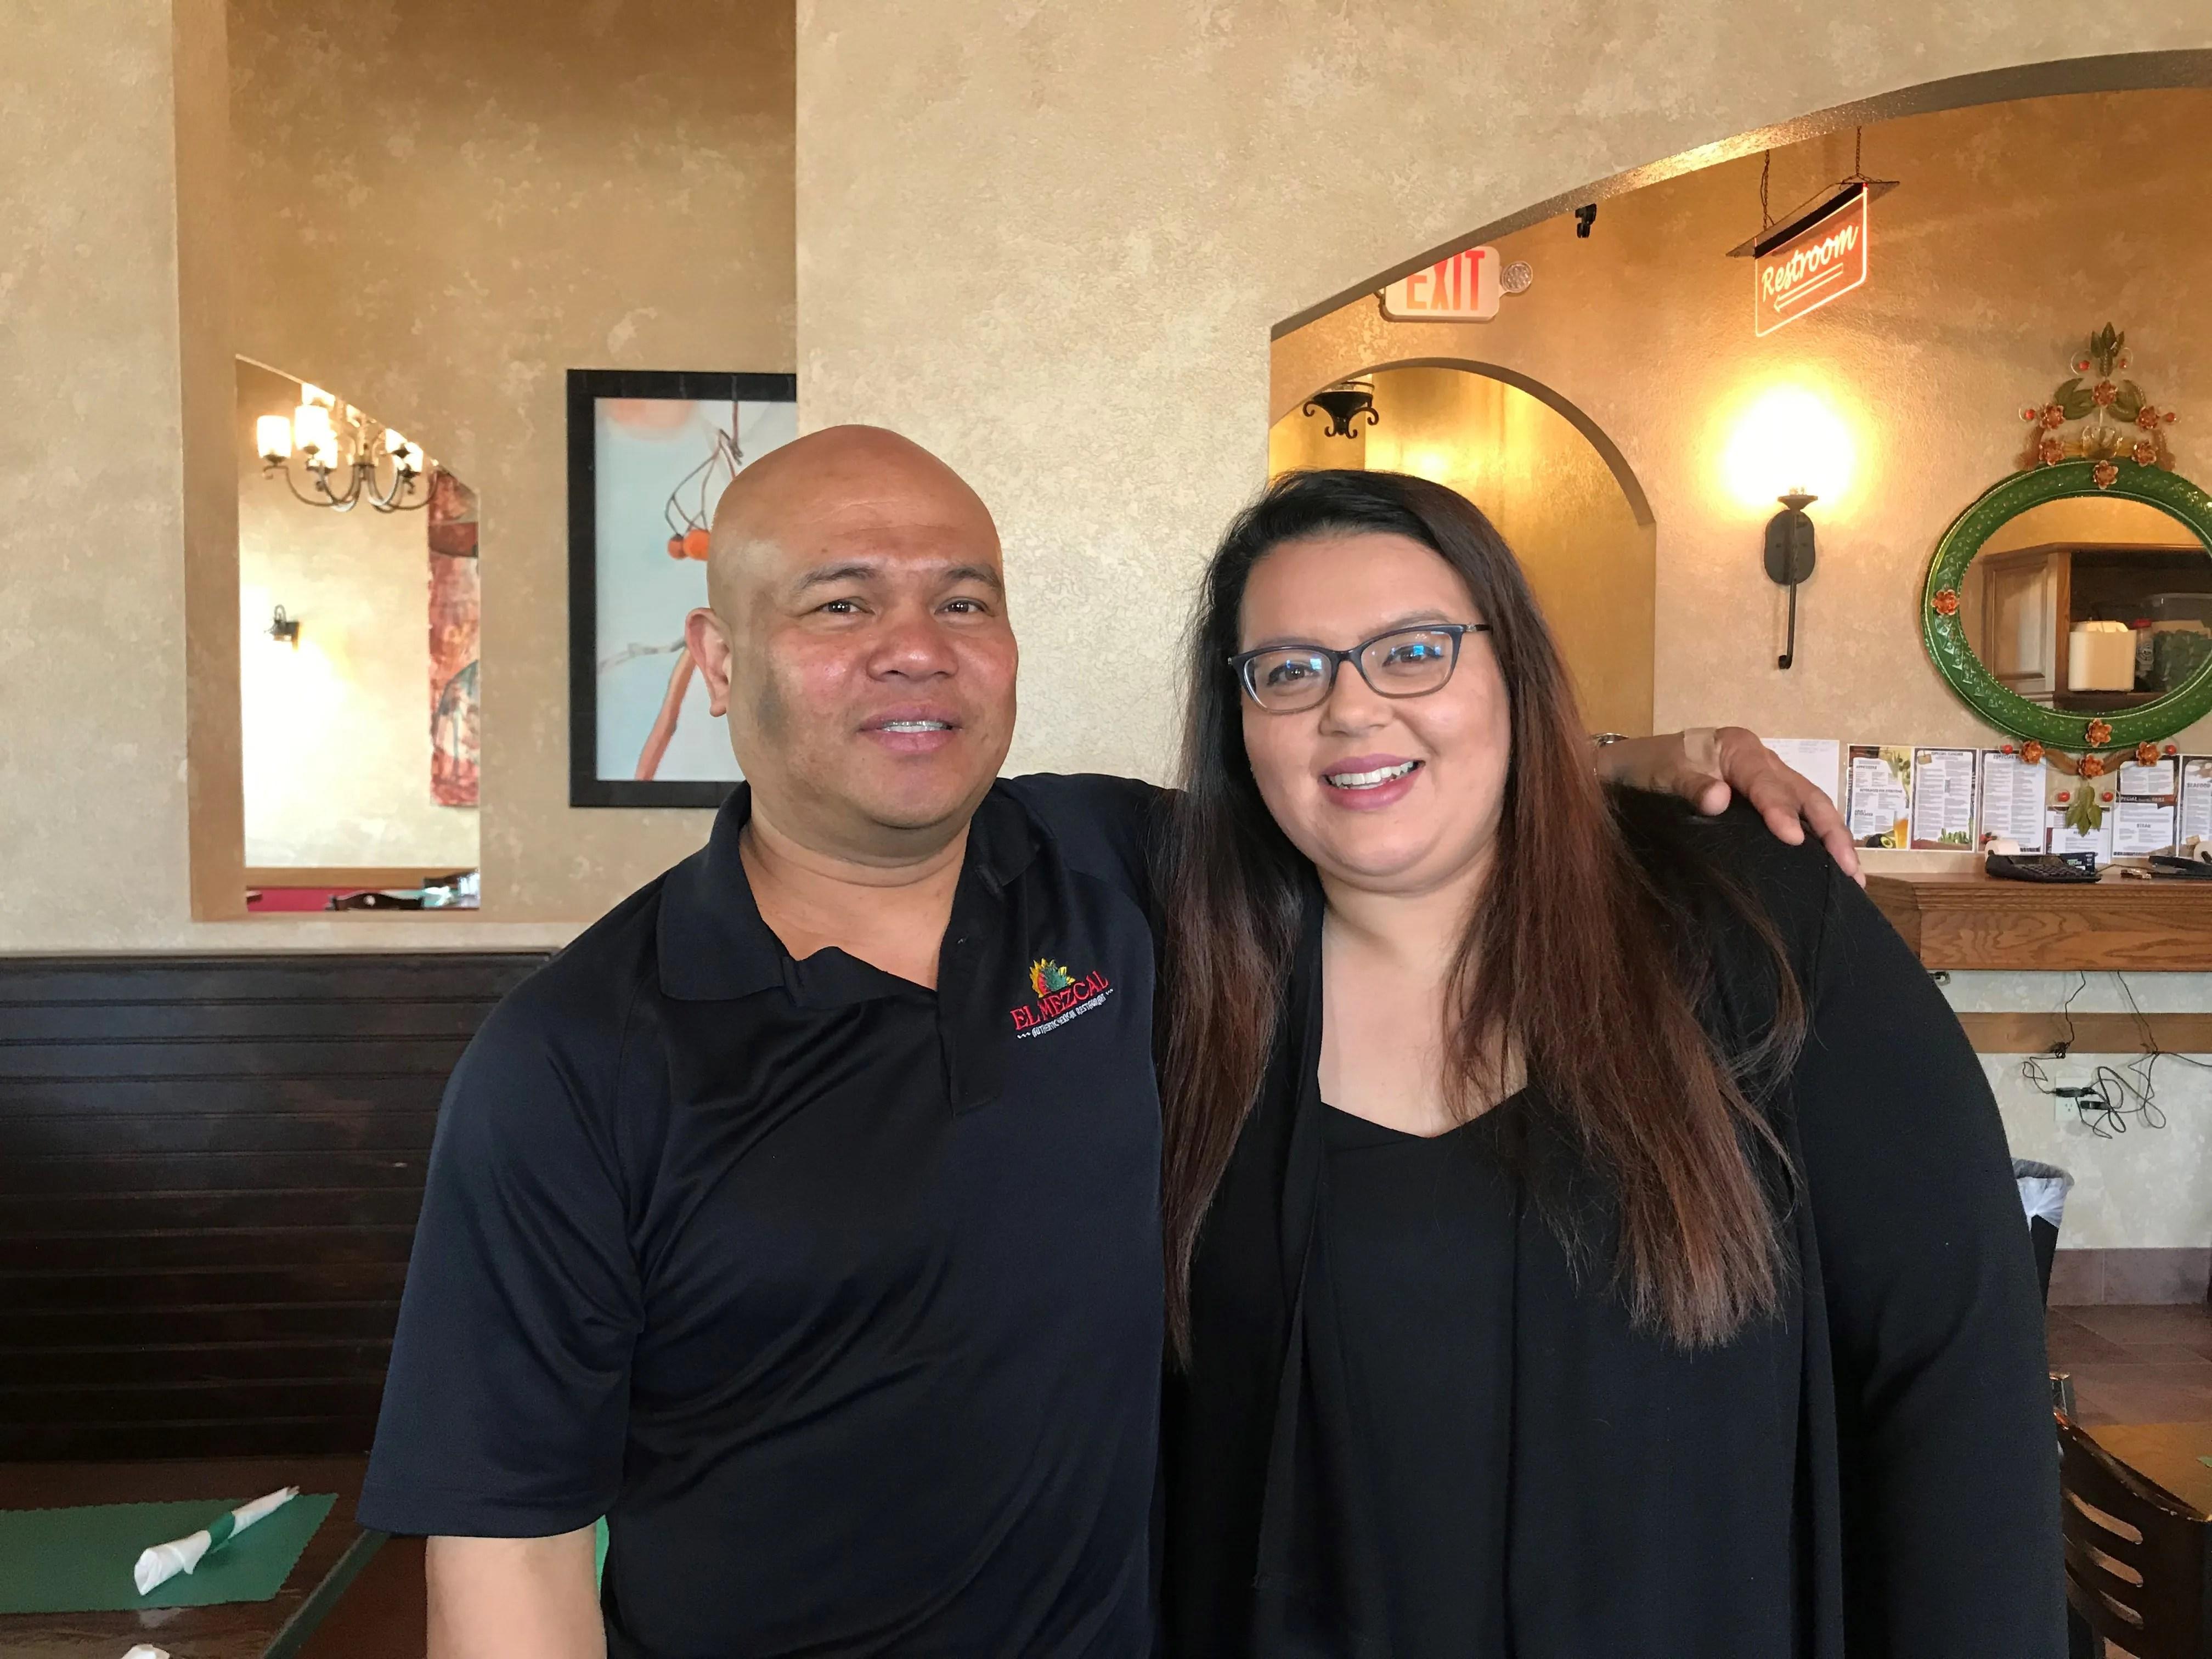 Casa Mezcal Mexican restaurant opens in Mosinee